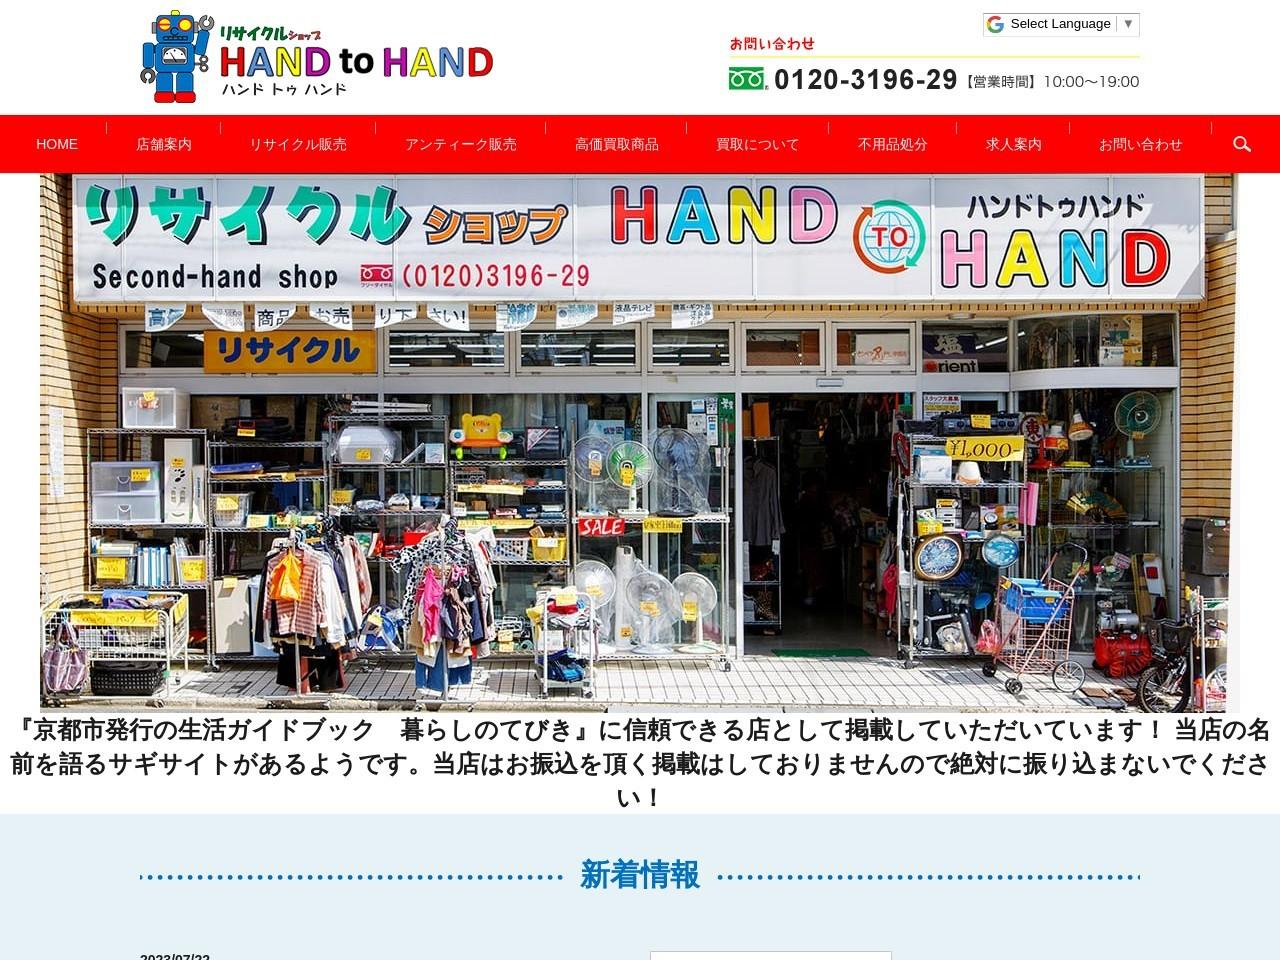 HAND TO HAND(ハンドトゥハンド)|中古・不用品処分・買取なら当店へ